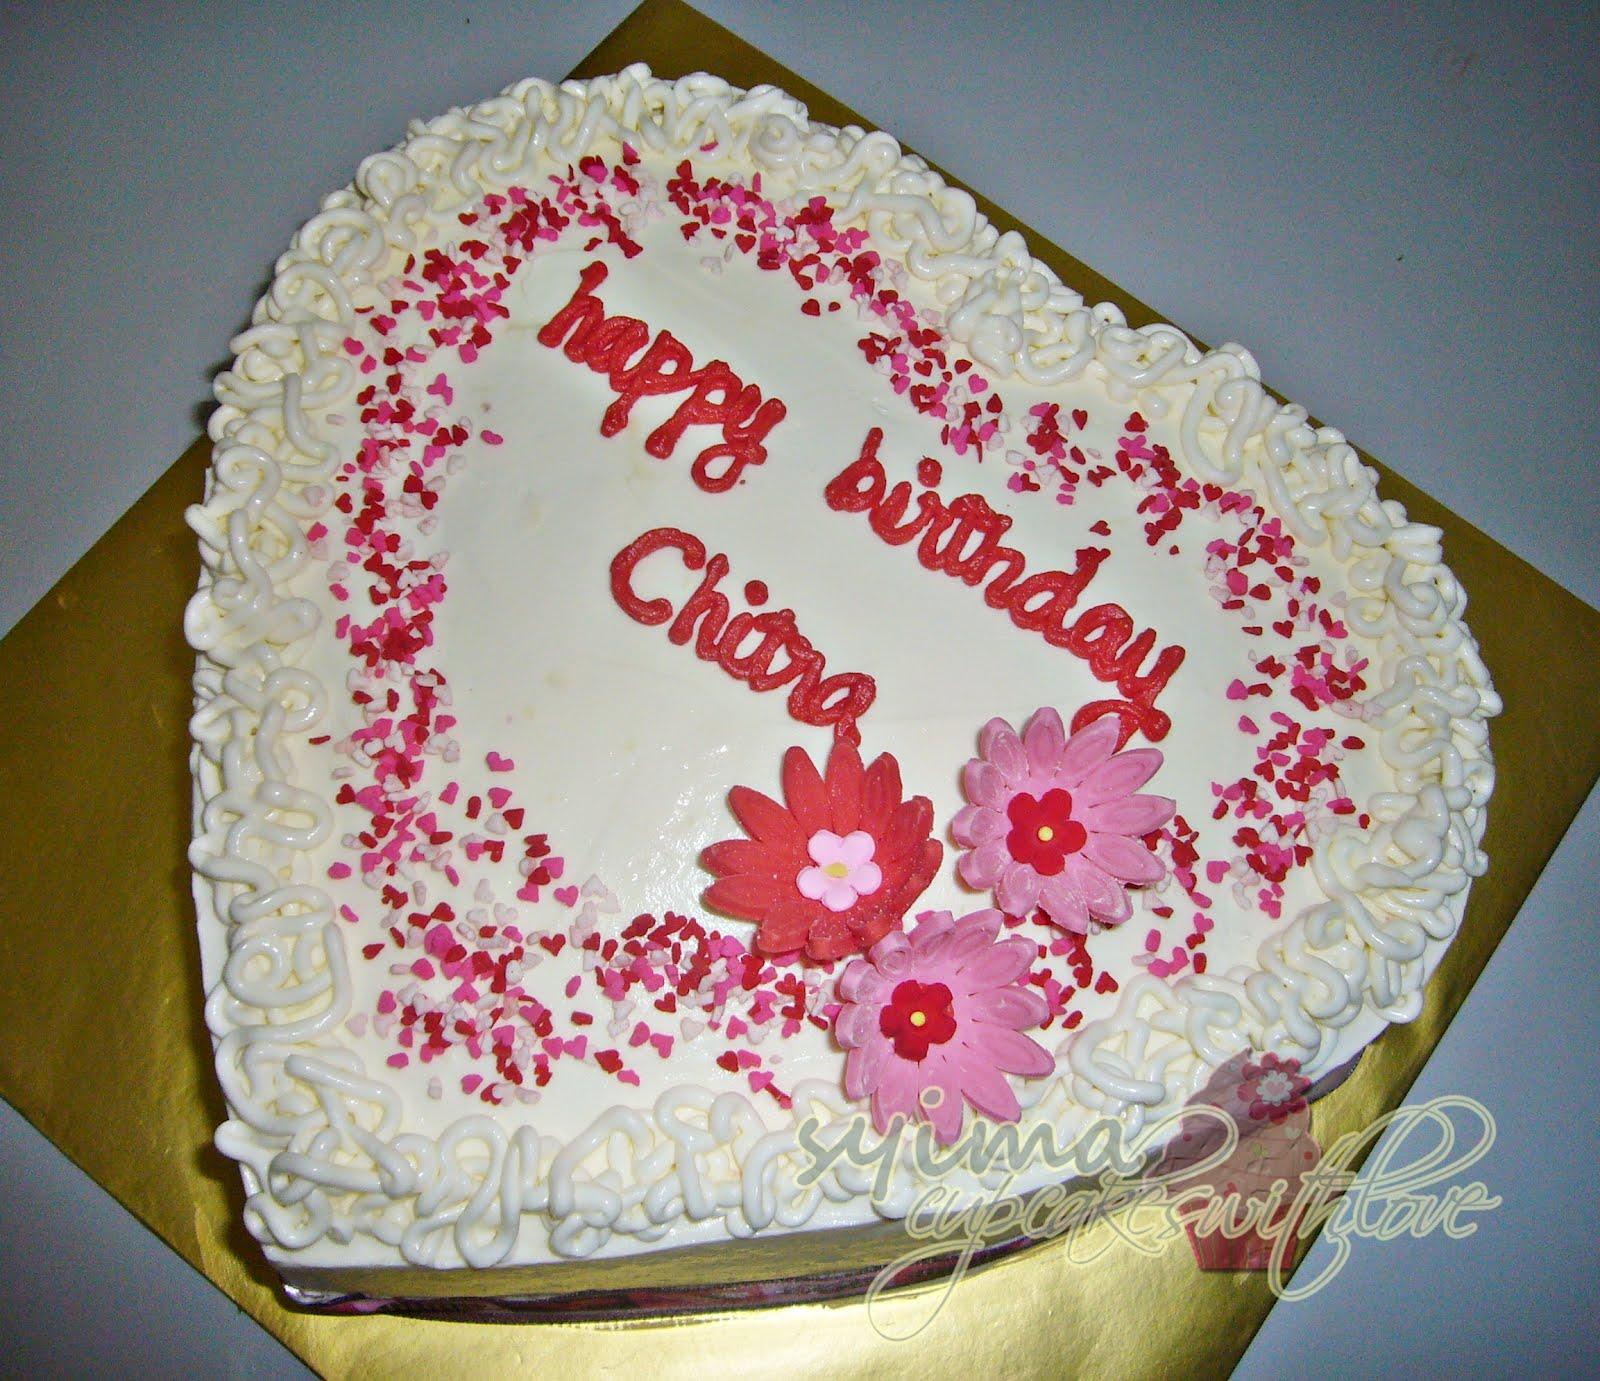 Happy Birthday Indu Cake